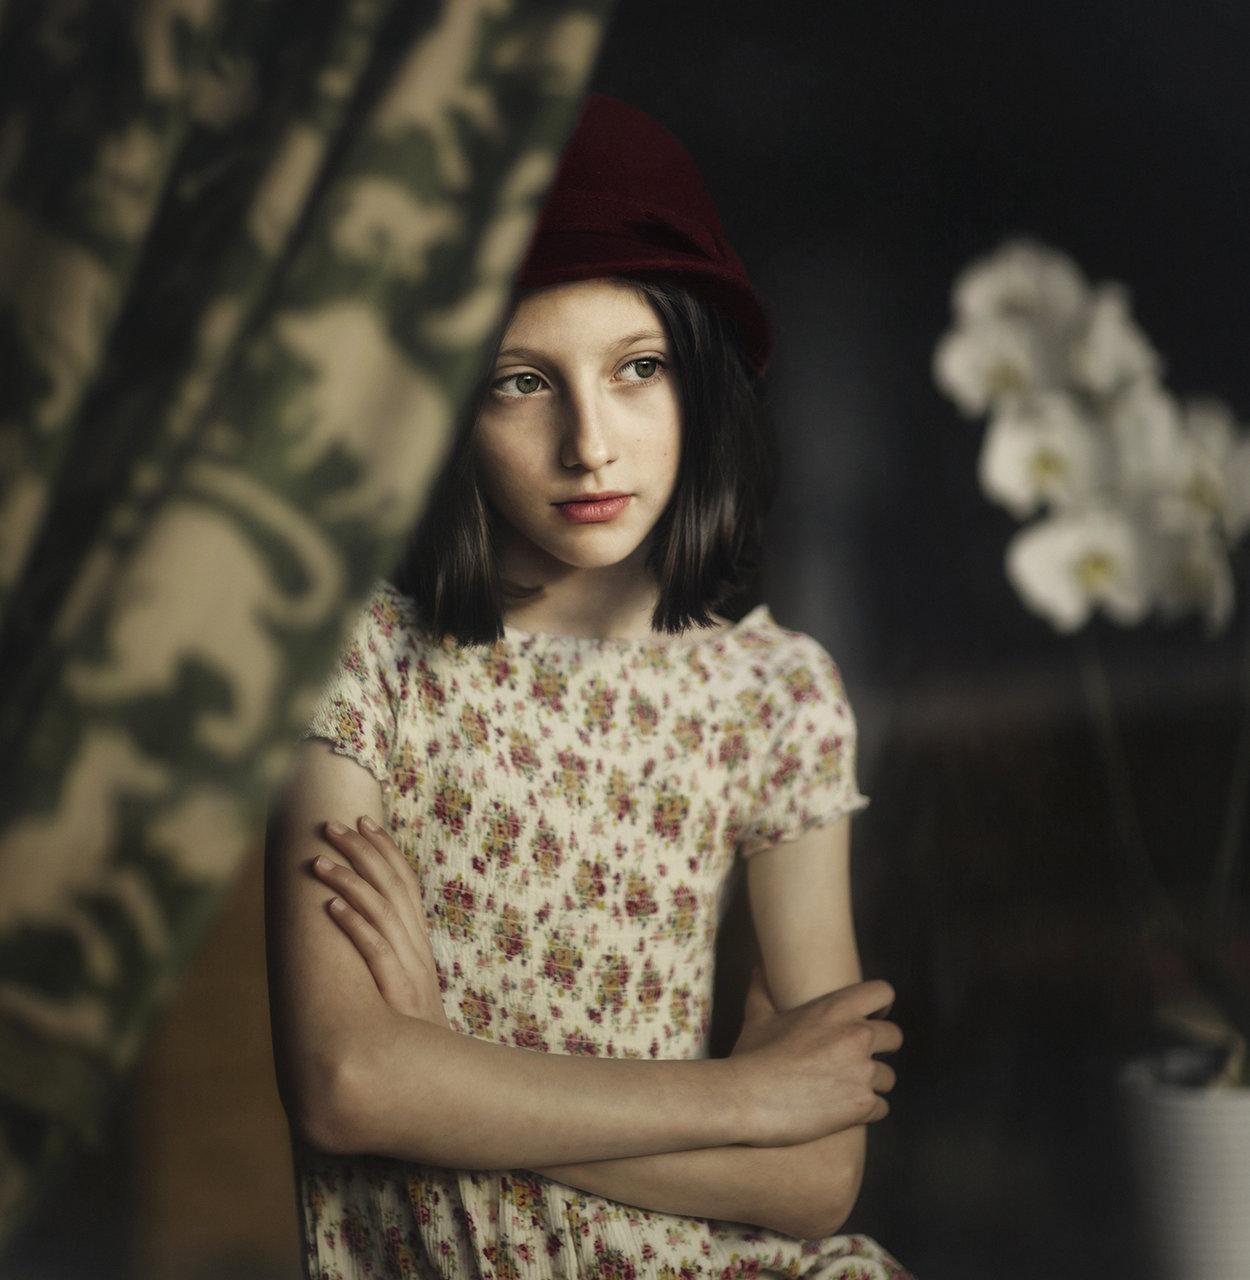 Photo in Portrait | Author Десислава Кулешова - desiart78 | PHOTO FORUM